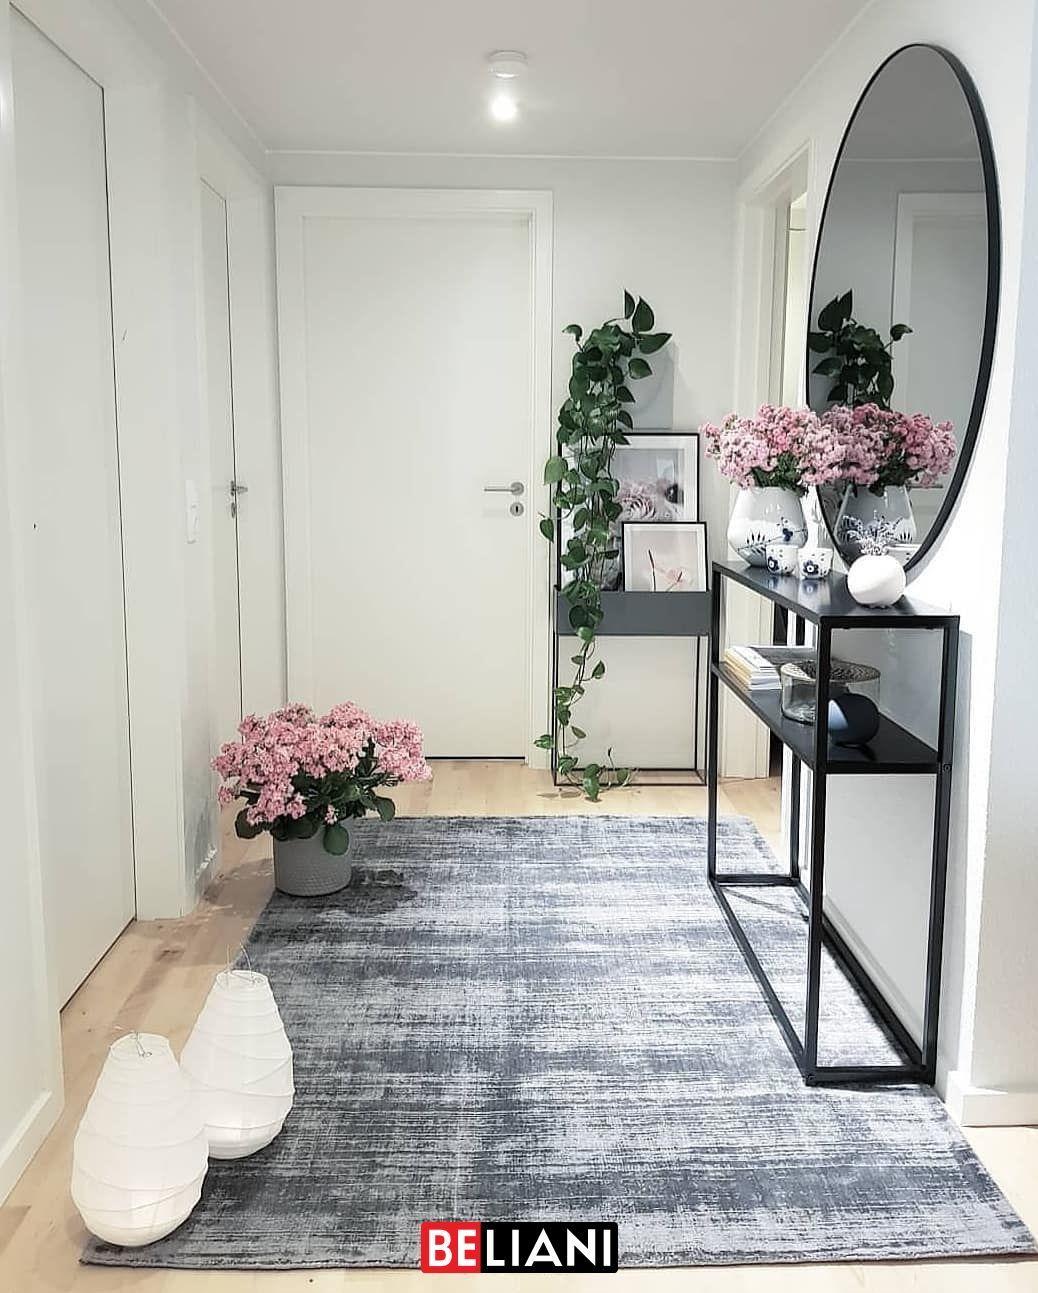 Ein schöner Teppich ist wie ein Kunstwerk in Ihrem Heim. Die Farben, das Muster, die Größe - der richtige Teppich verleiht Ihrem Wohnbereich noch mehr Atmosphäre und Gemütlichkeit. #beliani #interiordesign #glamour #wohnideen flur dekoration Traumhaft weicher, handgewebter Teppich in Blau